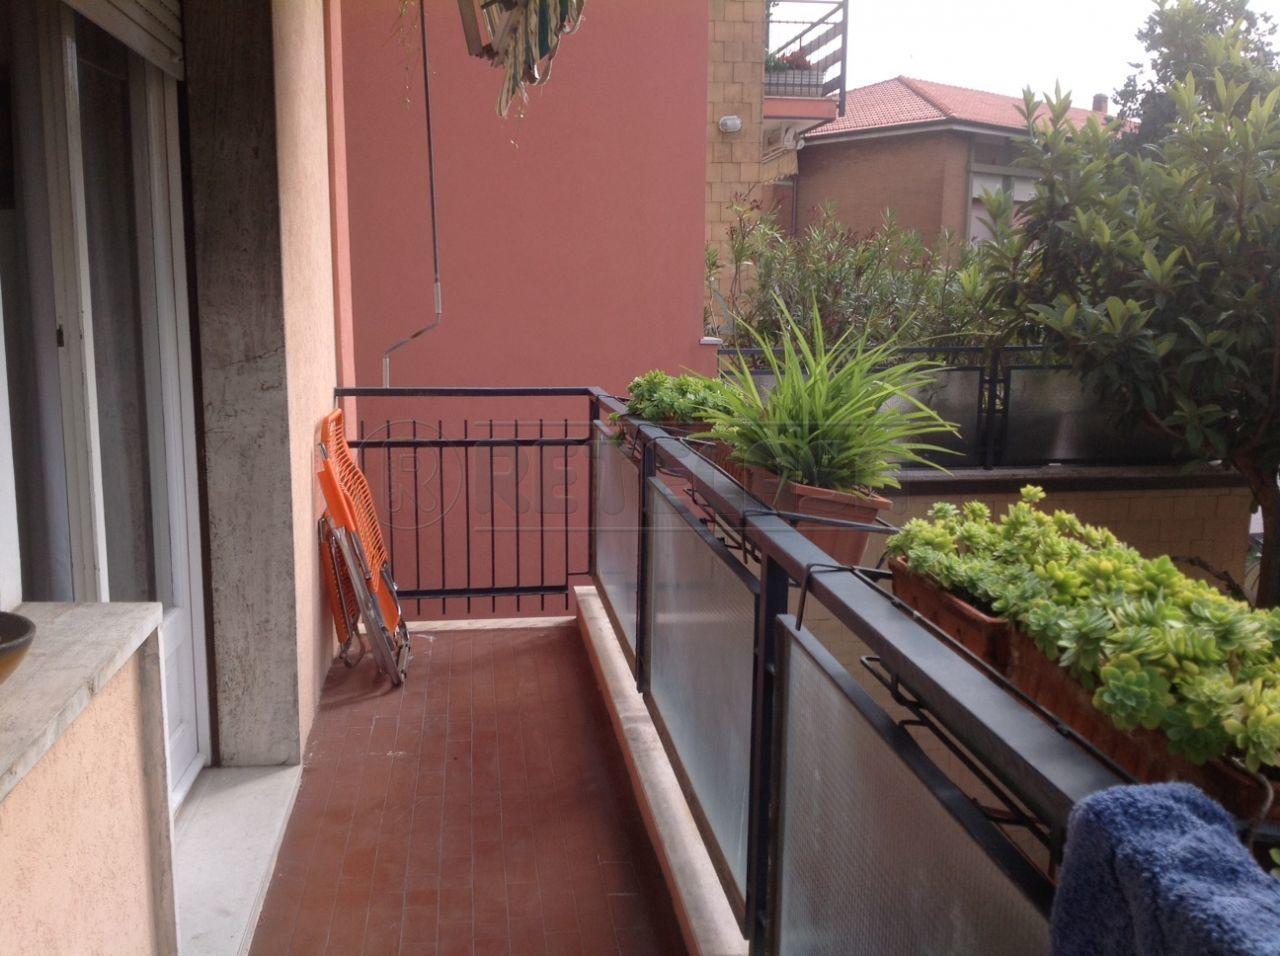 Bilocale in vendita a Ancona in Via Tagliamento